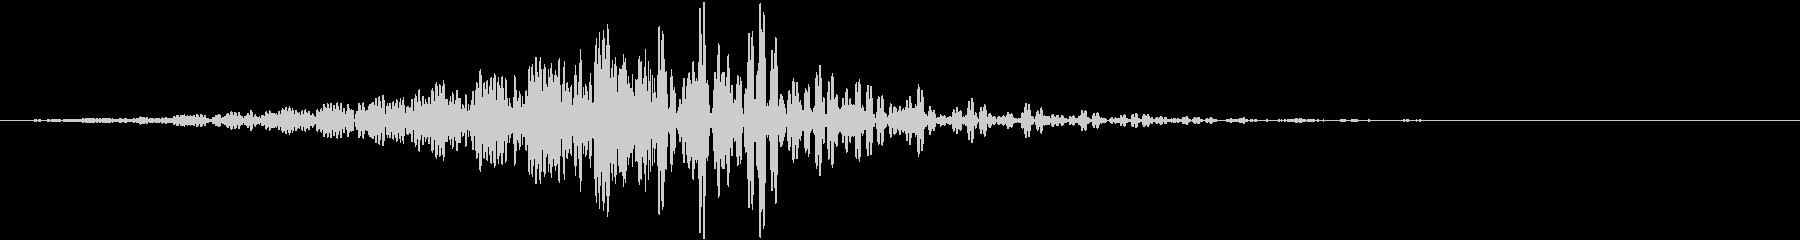 重低音のフェード音3(長め)の未再生の波形